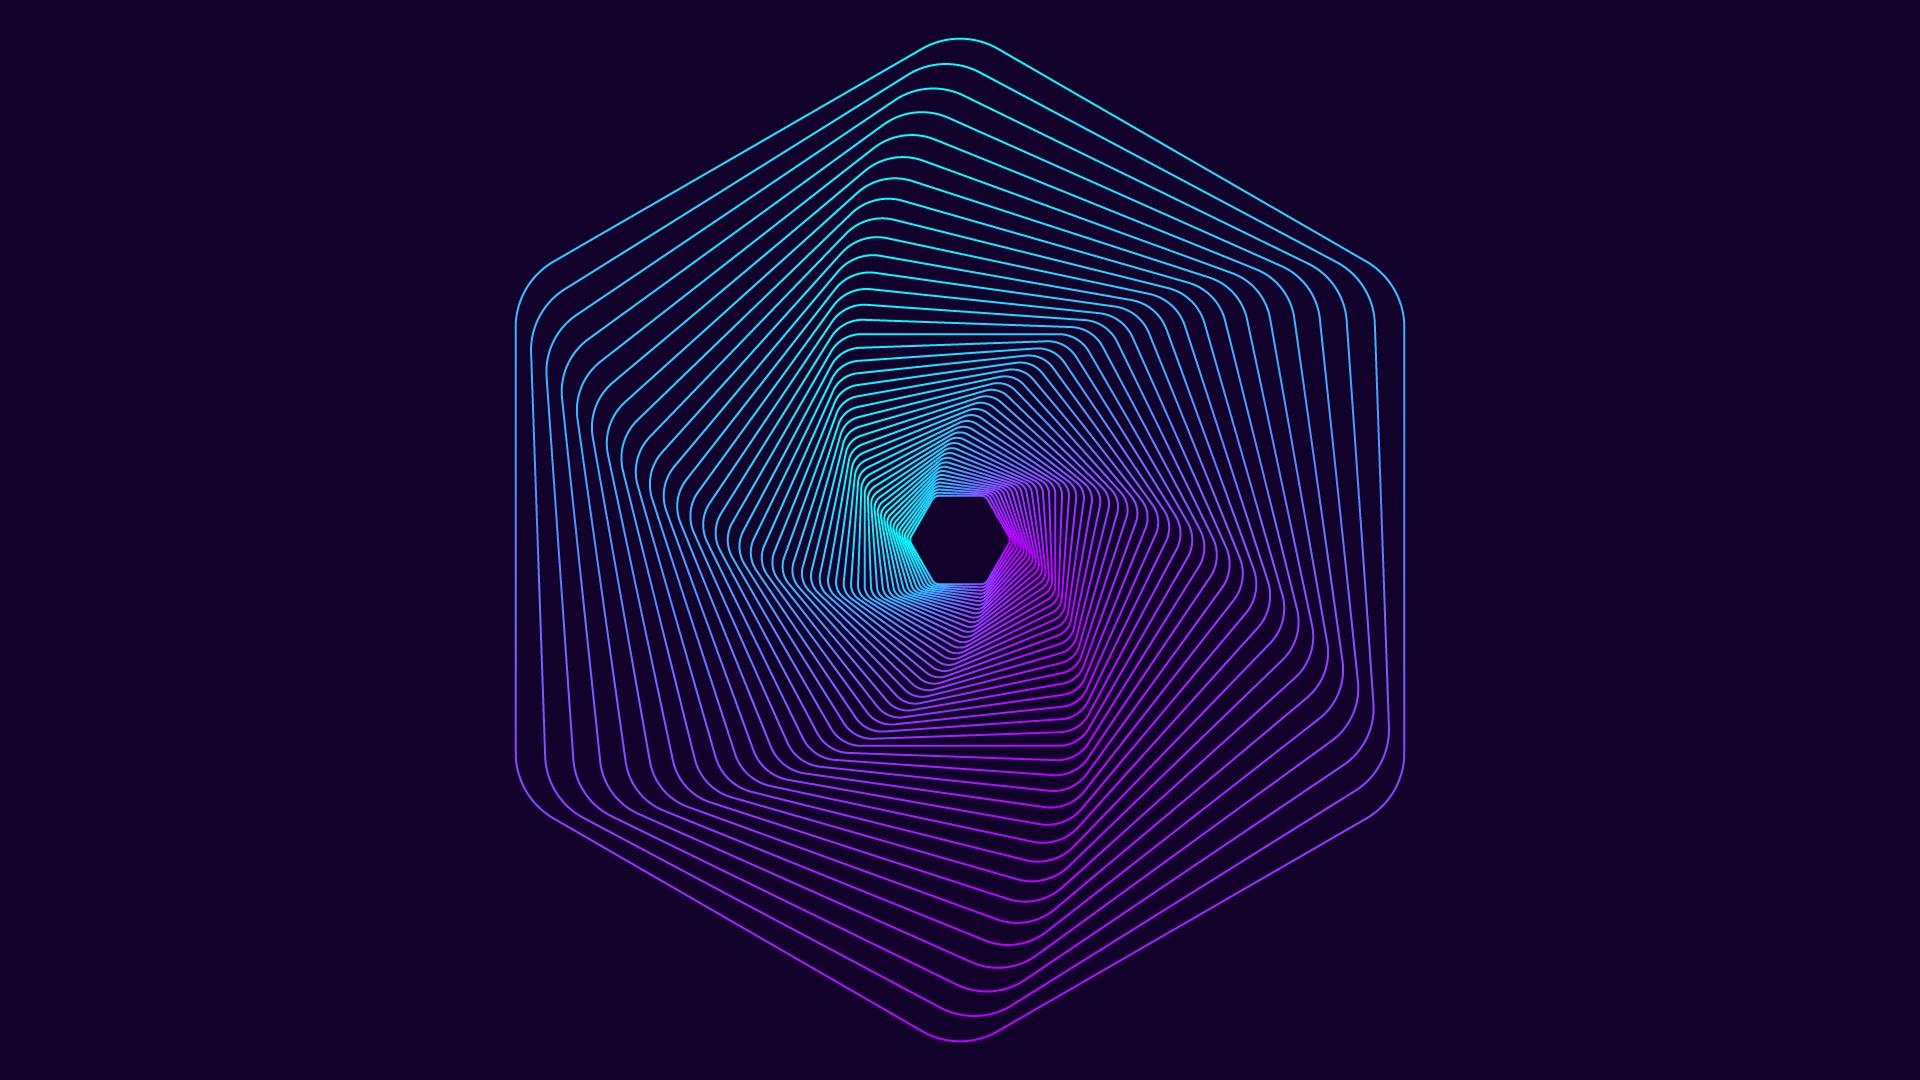 Шестиугольник неон